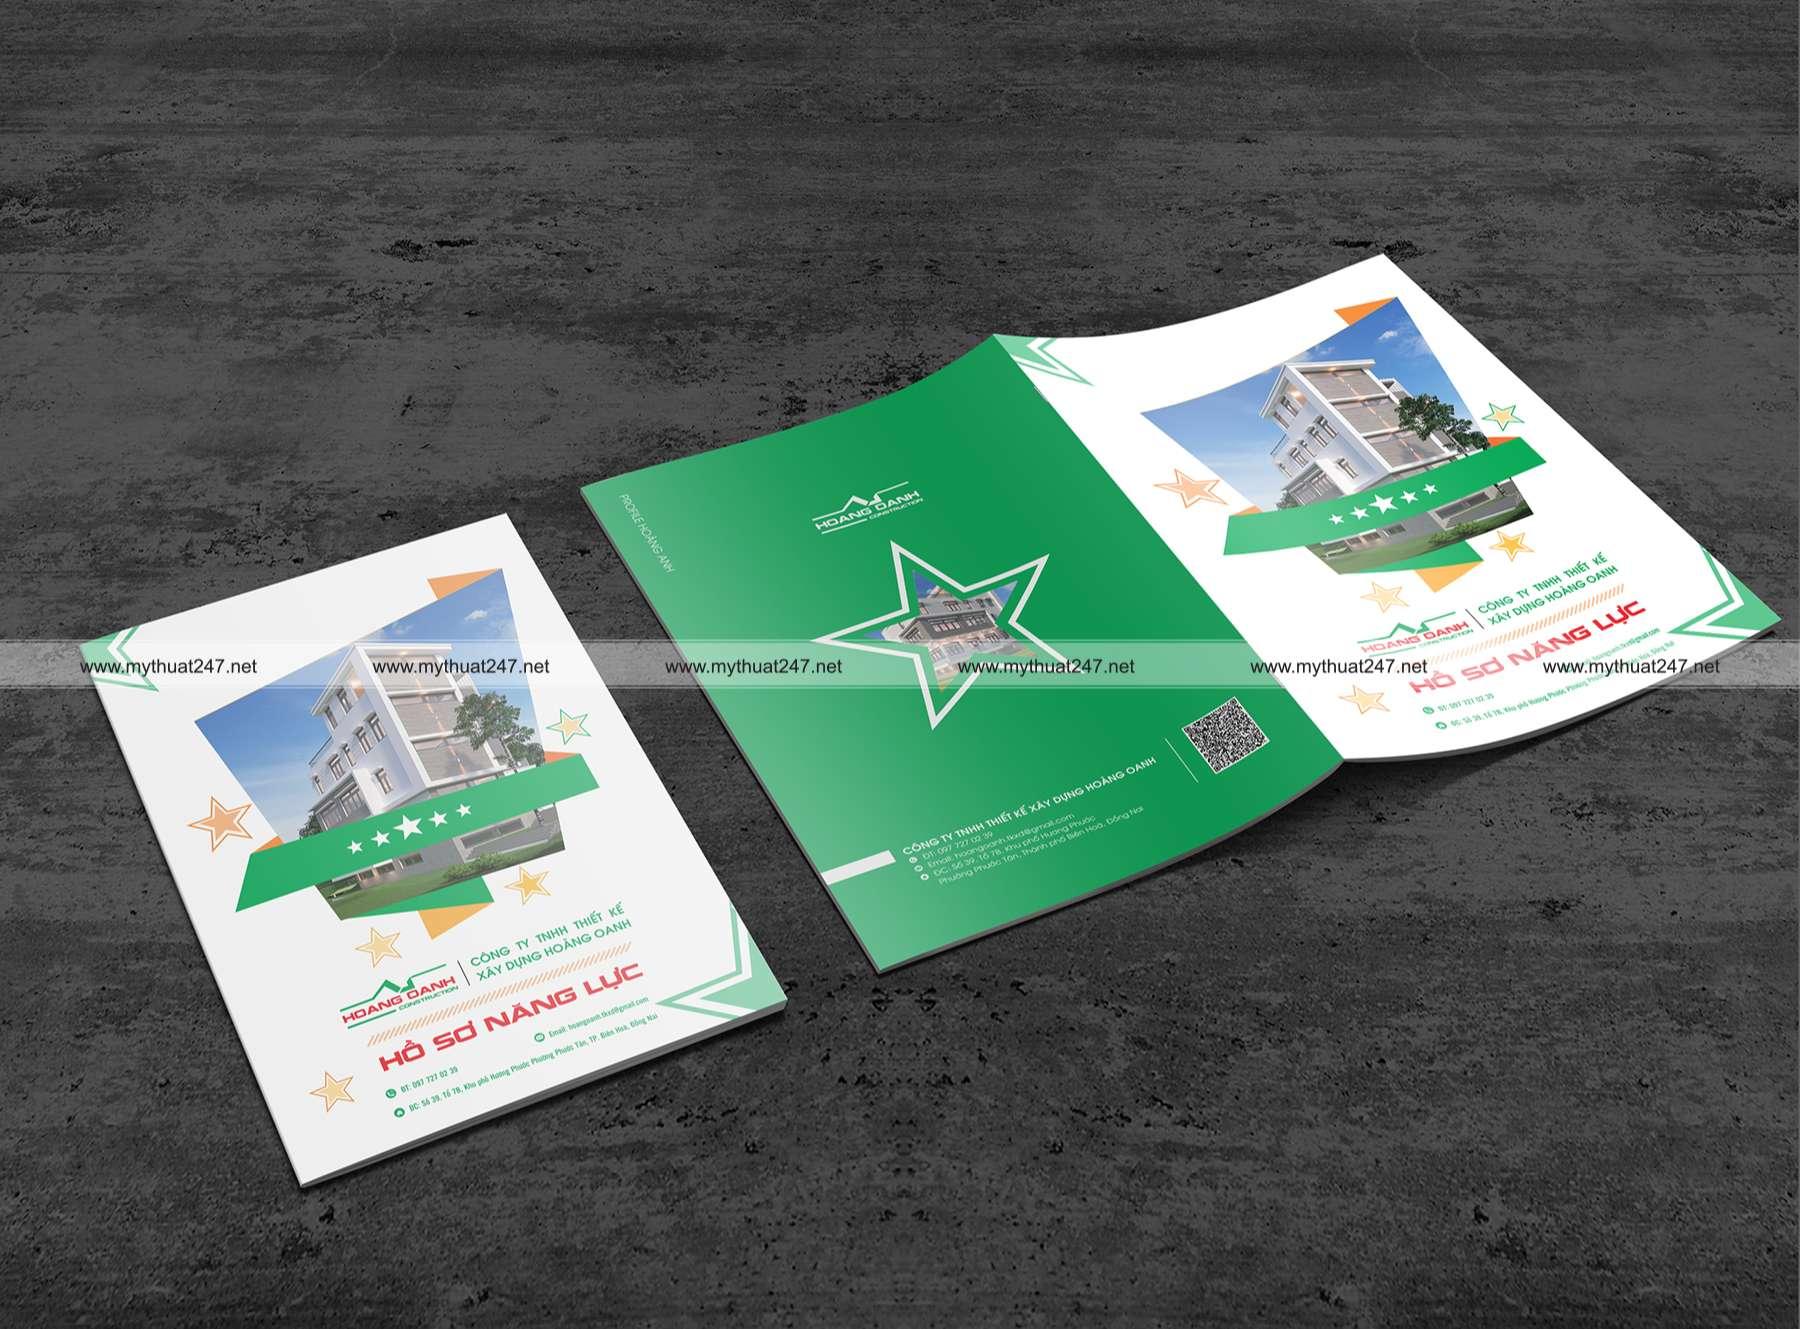 Thiết kế hồ sơ năng lực công ty tnhh thiết kế xây dựng hoàng oanh